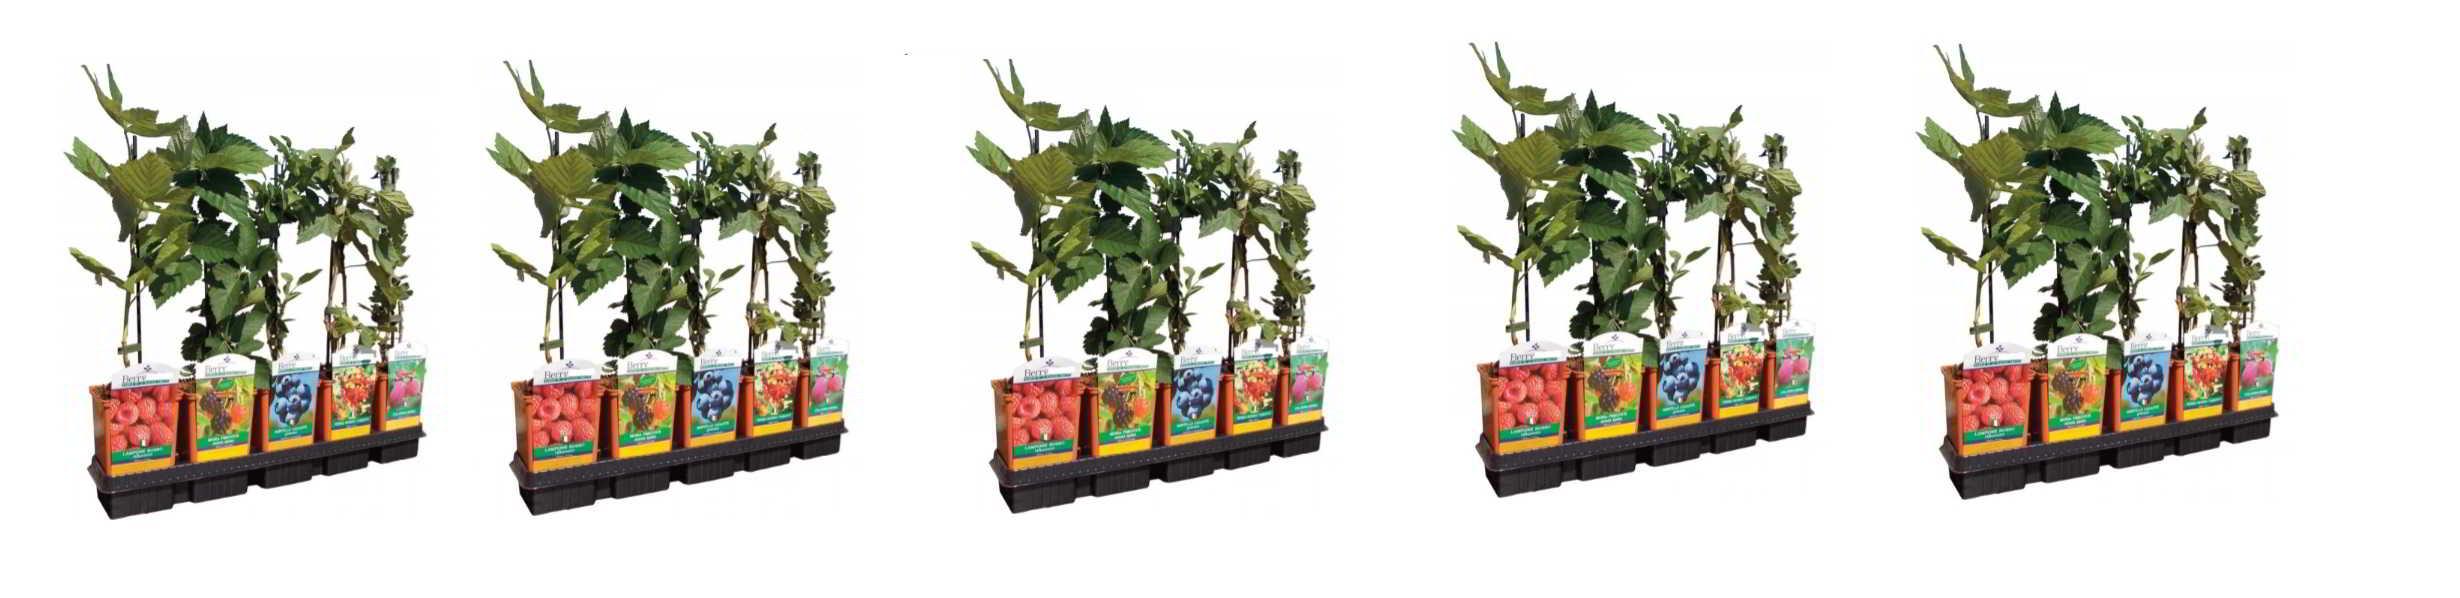 piante-in-vaso-12